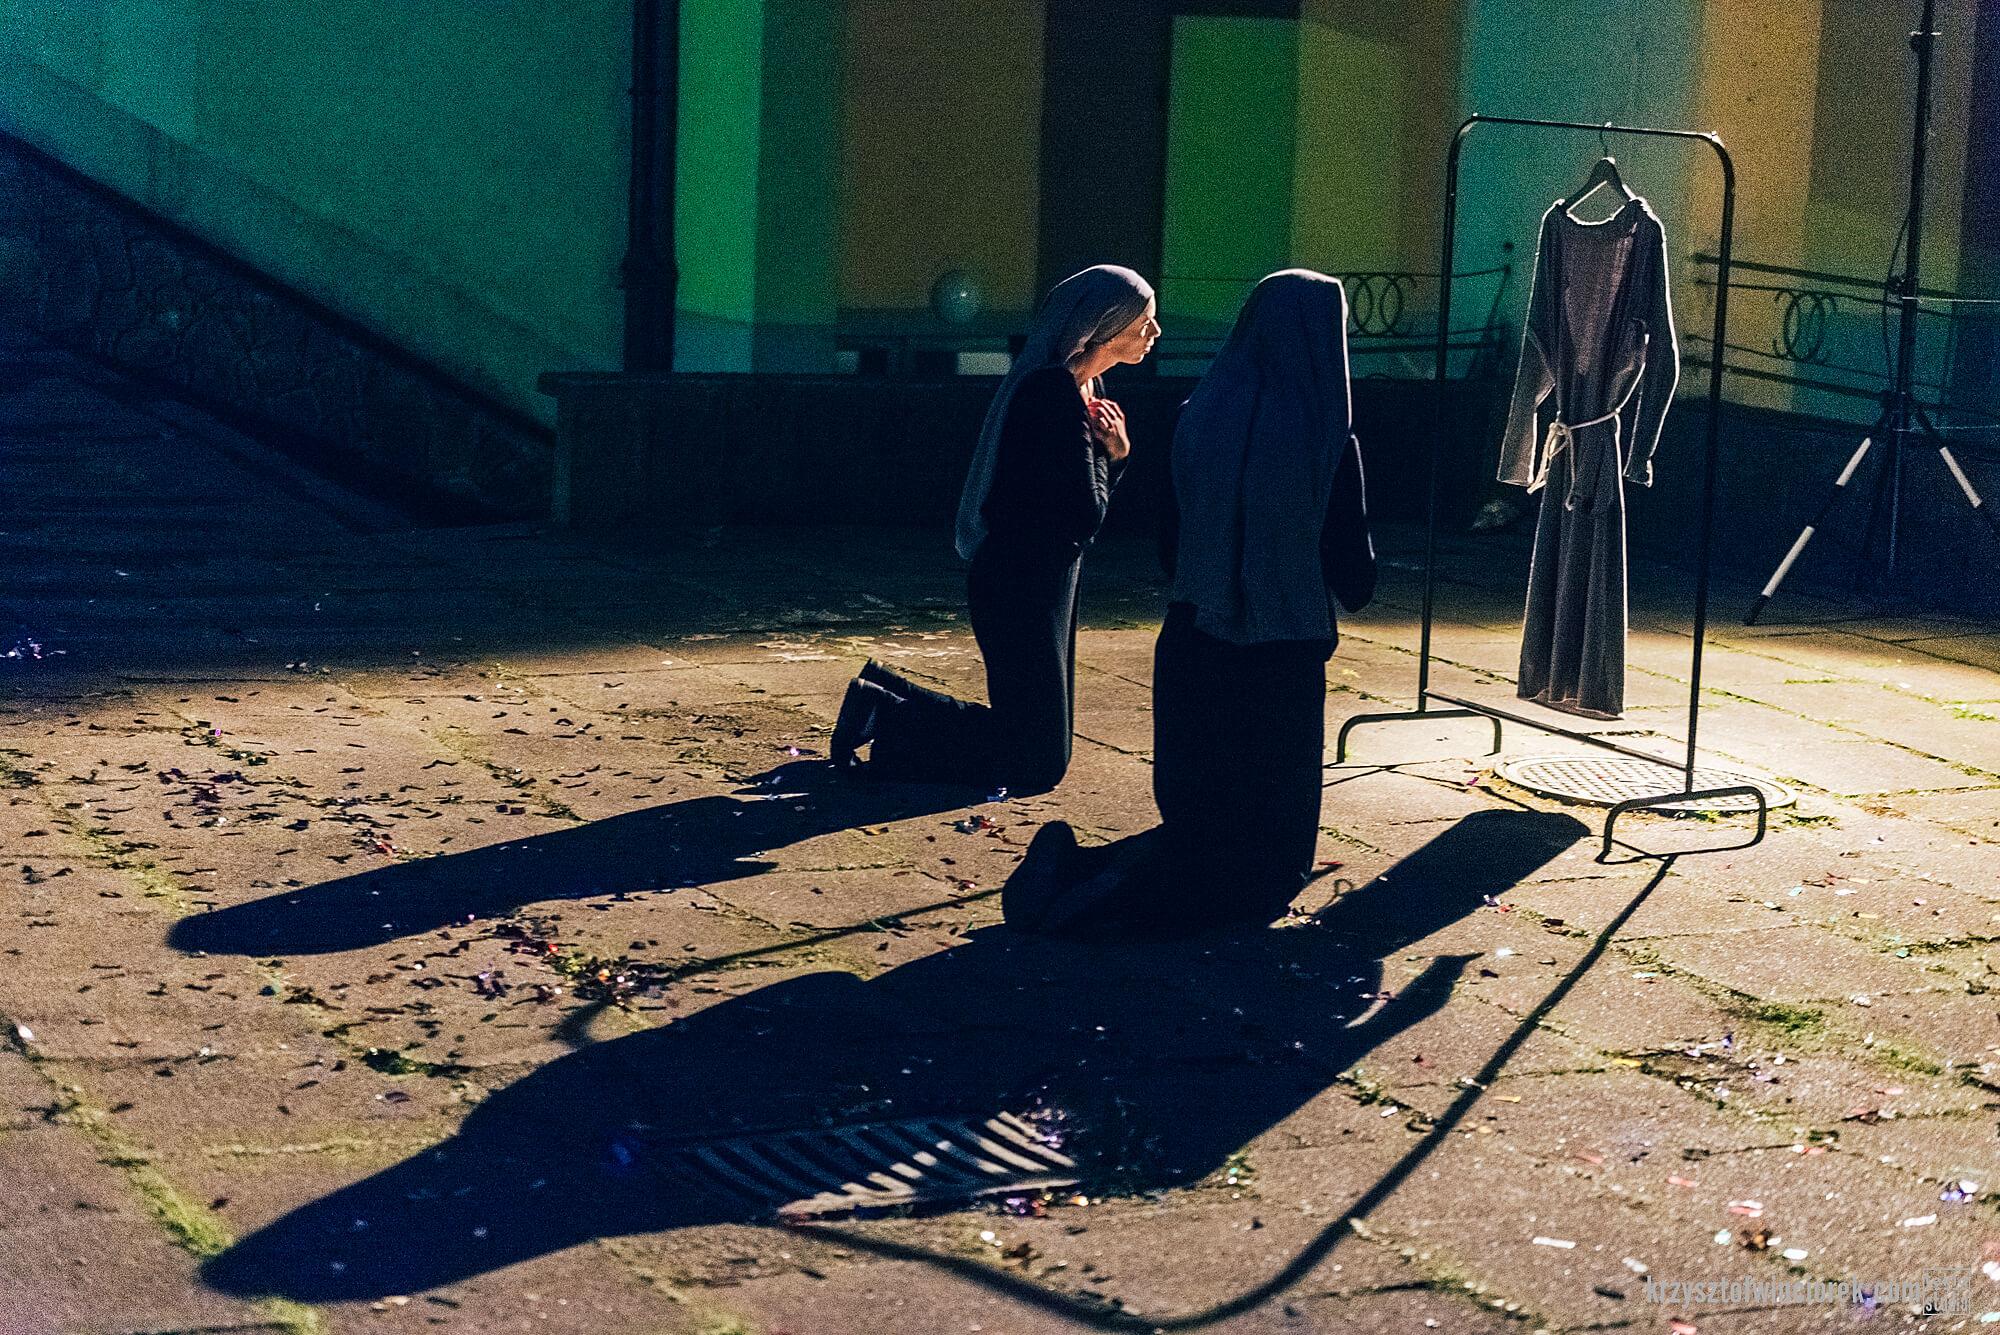 Zdjęcie z festiwalu Pociąg do miasta. Dwoje aktorów przebranych za zakonnice klęczy przed habitem wiszącym na wieszaku.